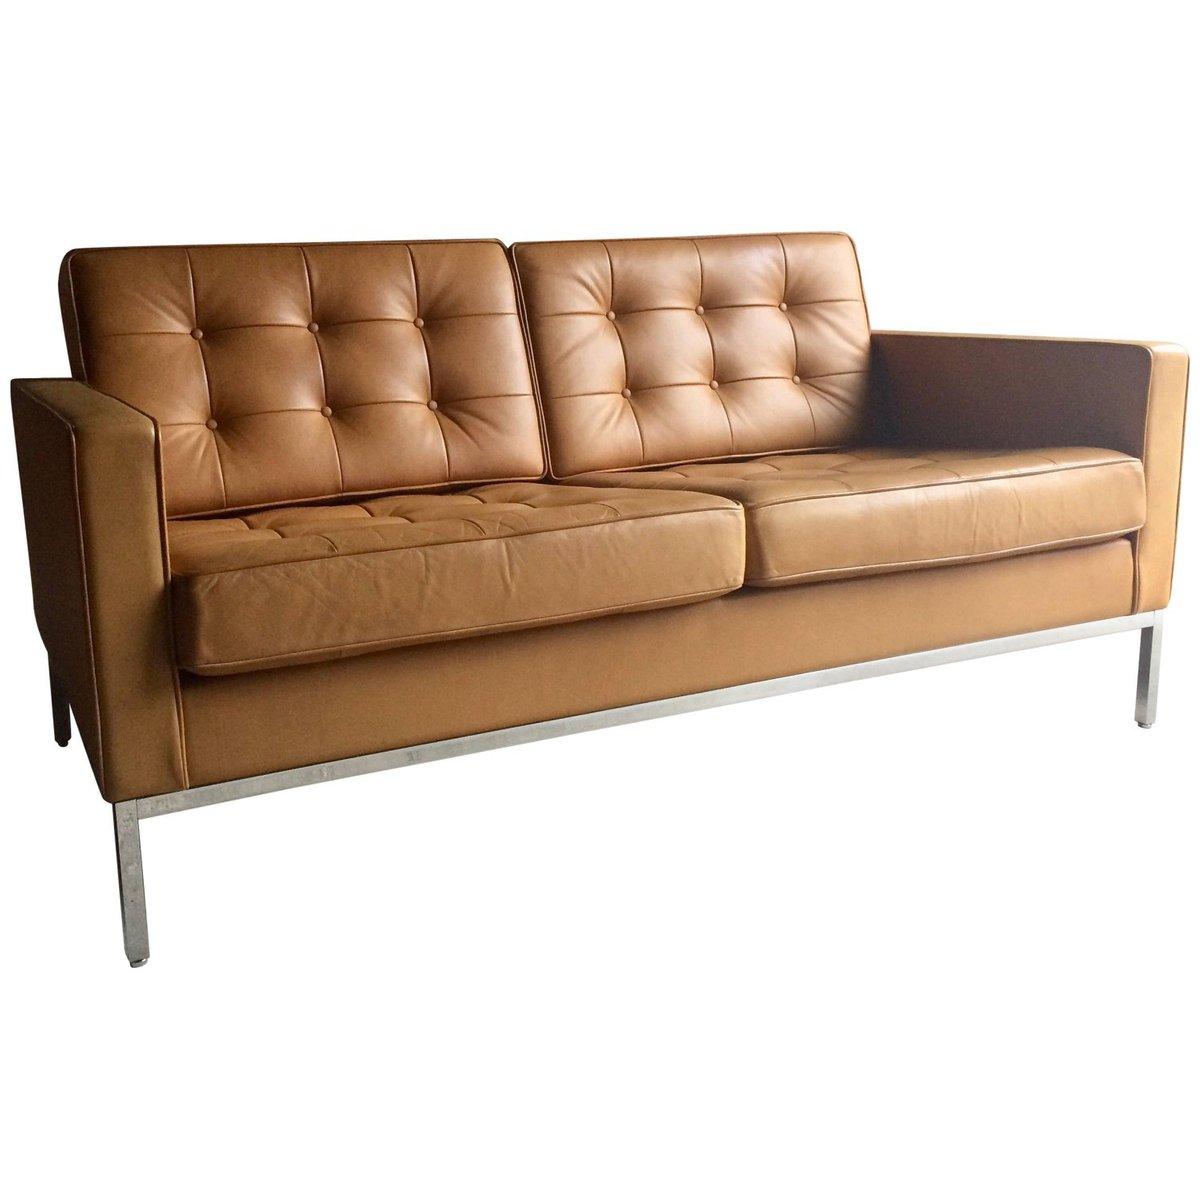 canap 2 places vintage en cuir par florence knoll pour knoll en vente sur pamono. Black Bedroom Furniture Sets. Home Design Ideas